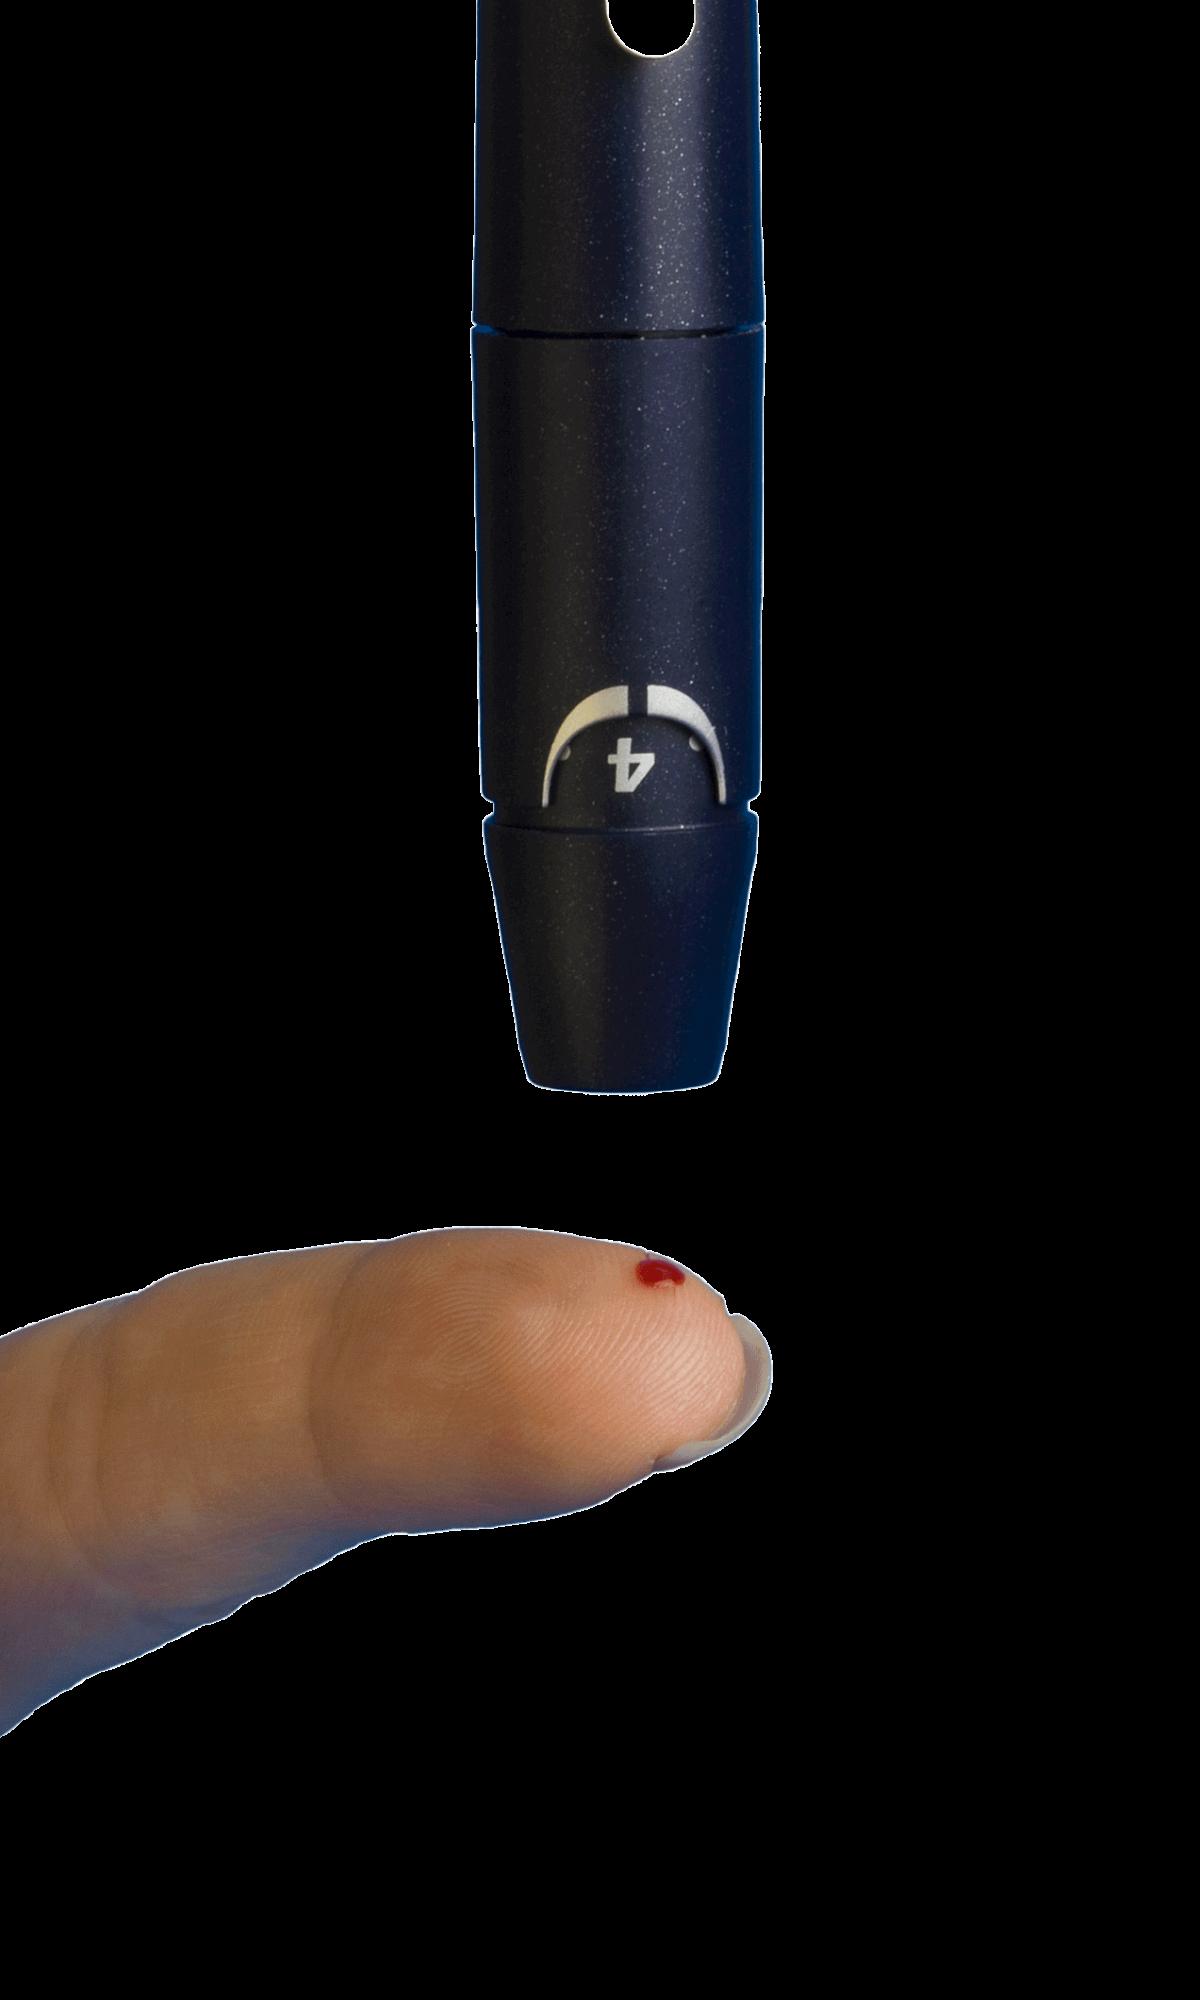 black pen above blood pricked finger